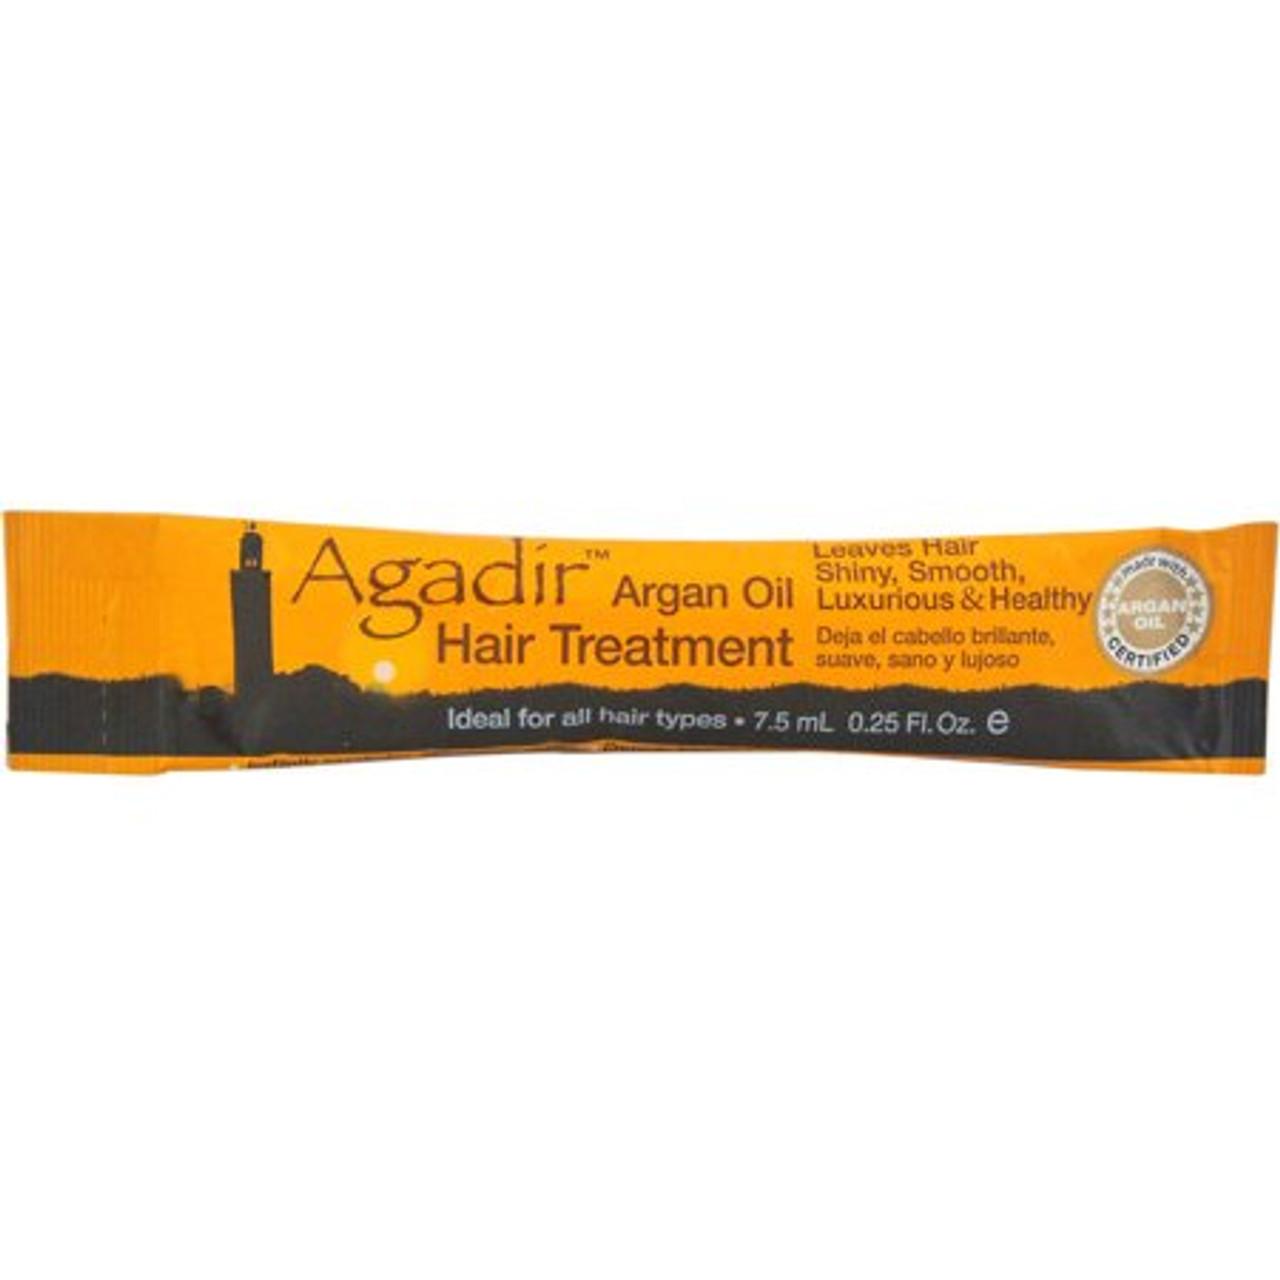 Agadir Argan Oil Stick 0.25 oz